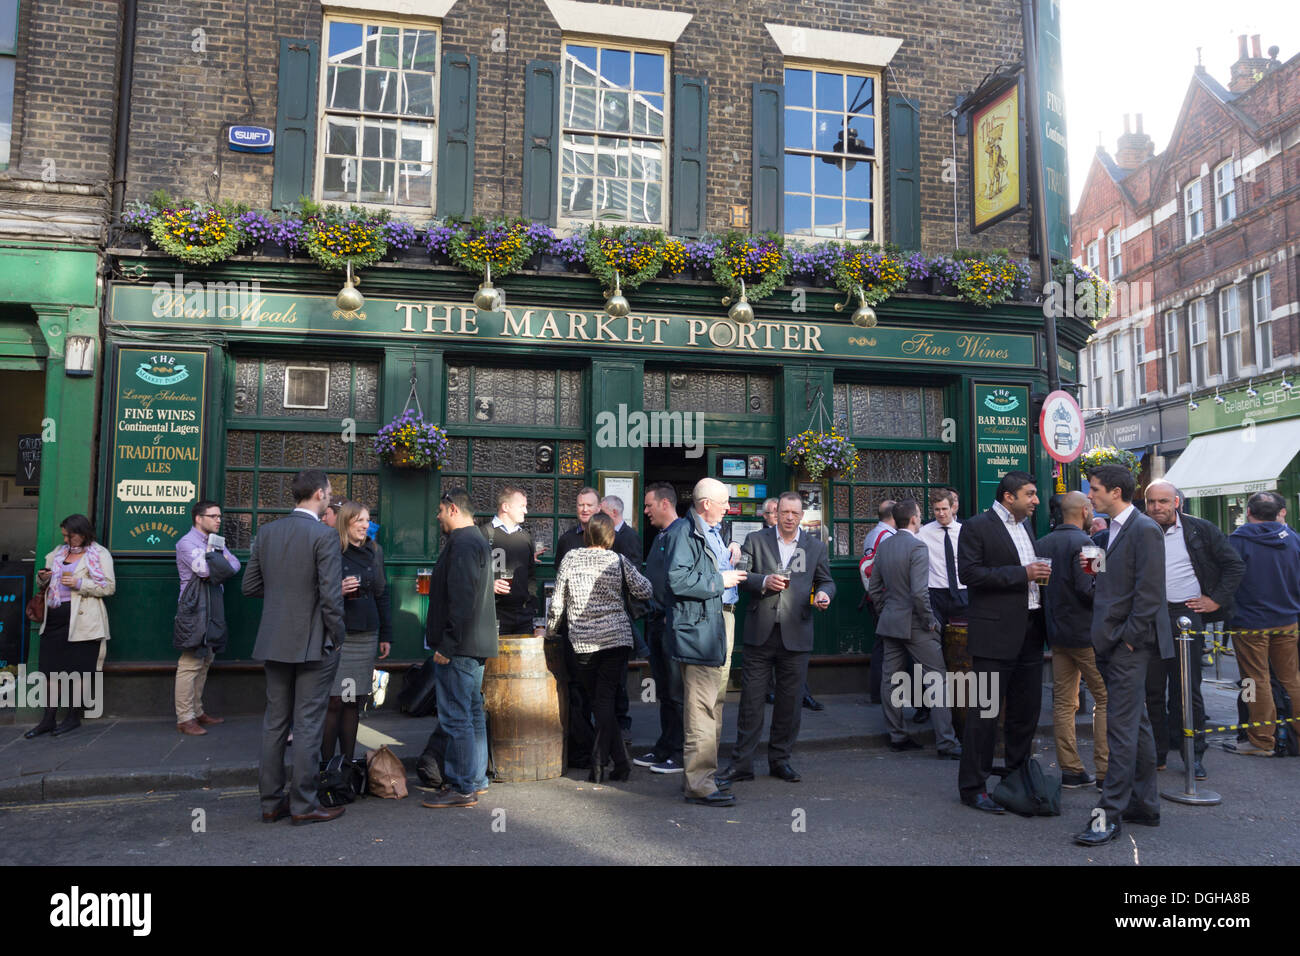 Le marché Porter Pub - Borough Market - Southwark - Londres Photo Stock